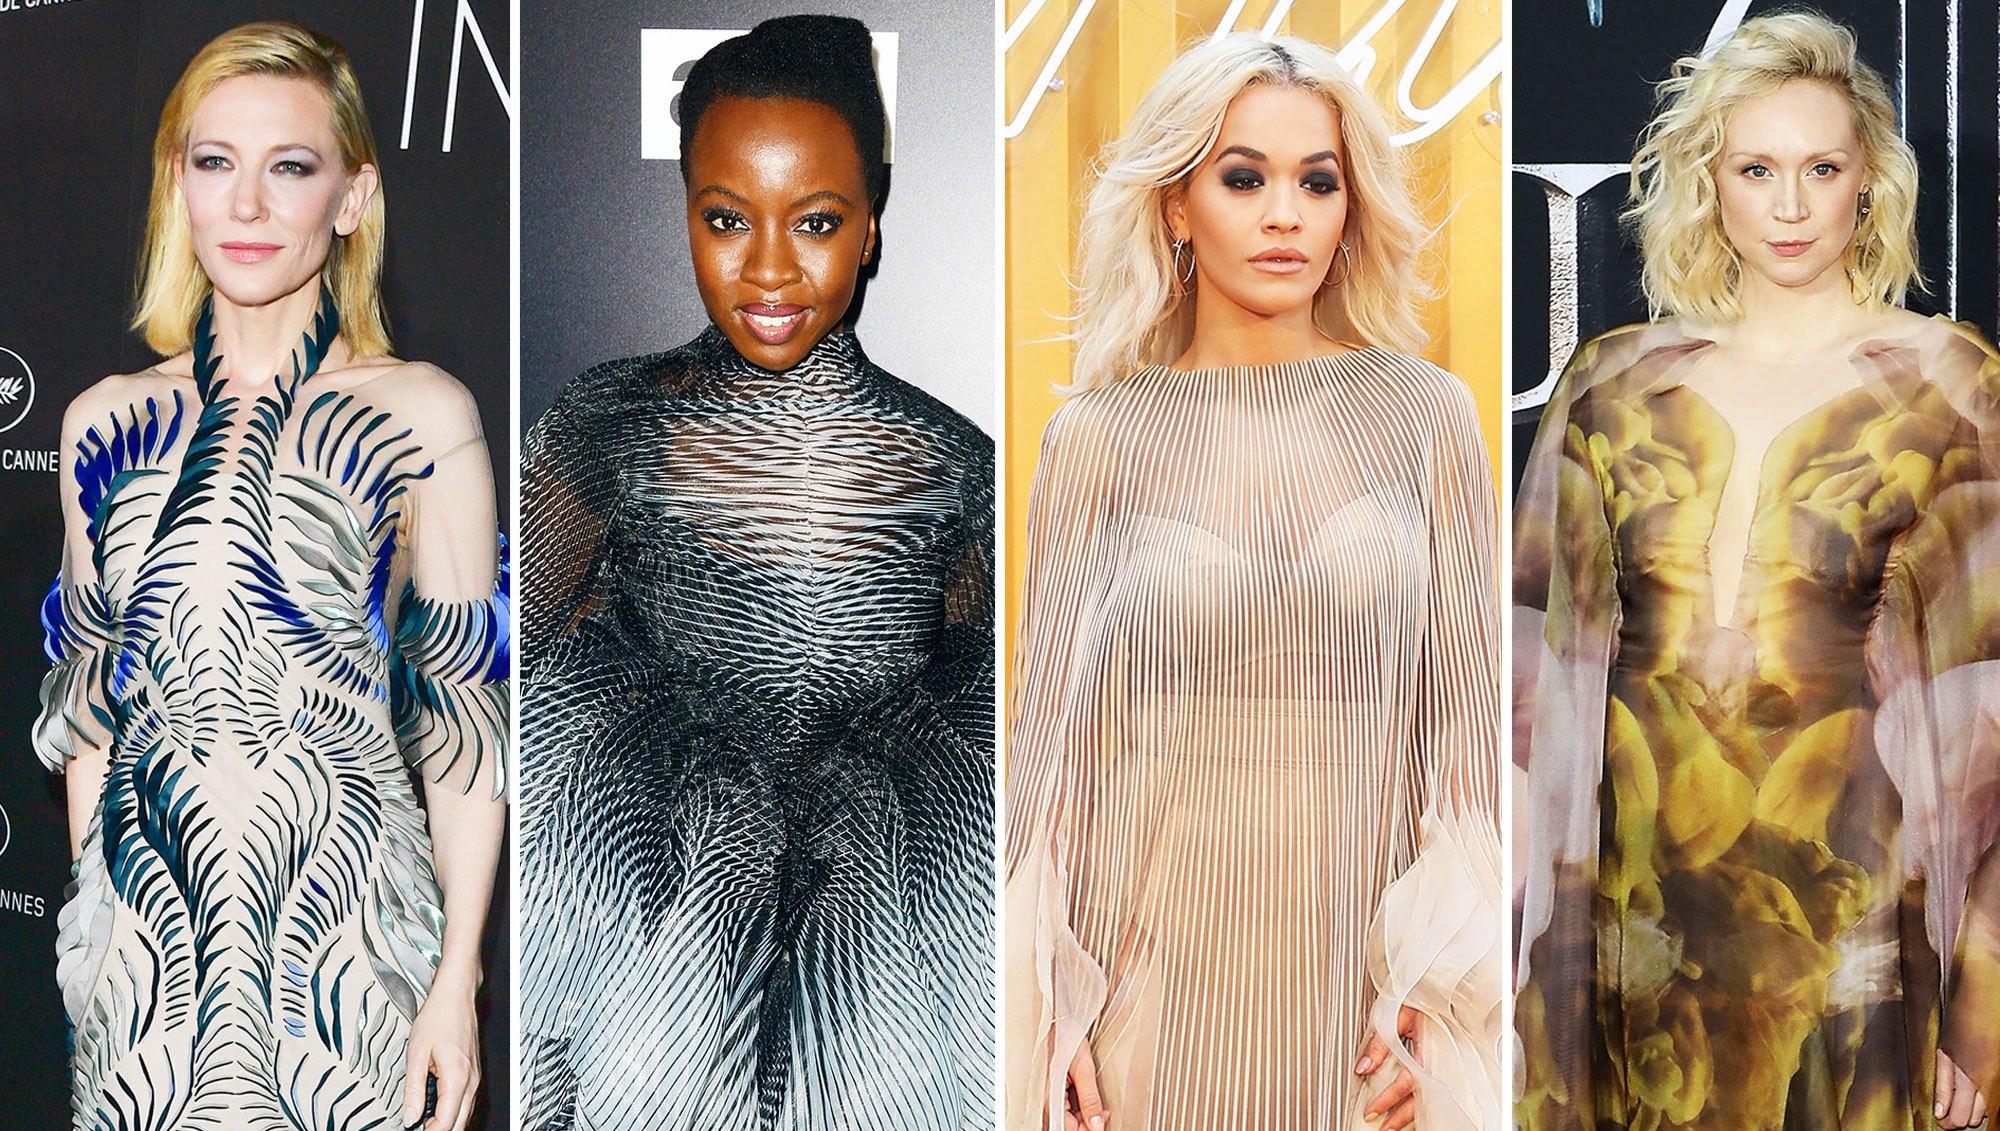 Cate Blanchett, Danai Gurira, Rita Ora, and Gwendoline Christie Stylish Iris van Herpen